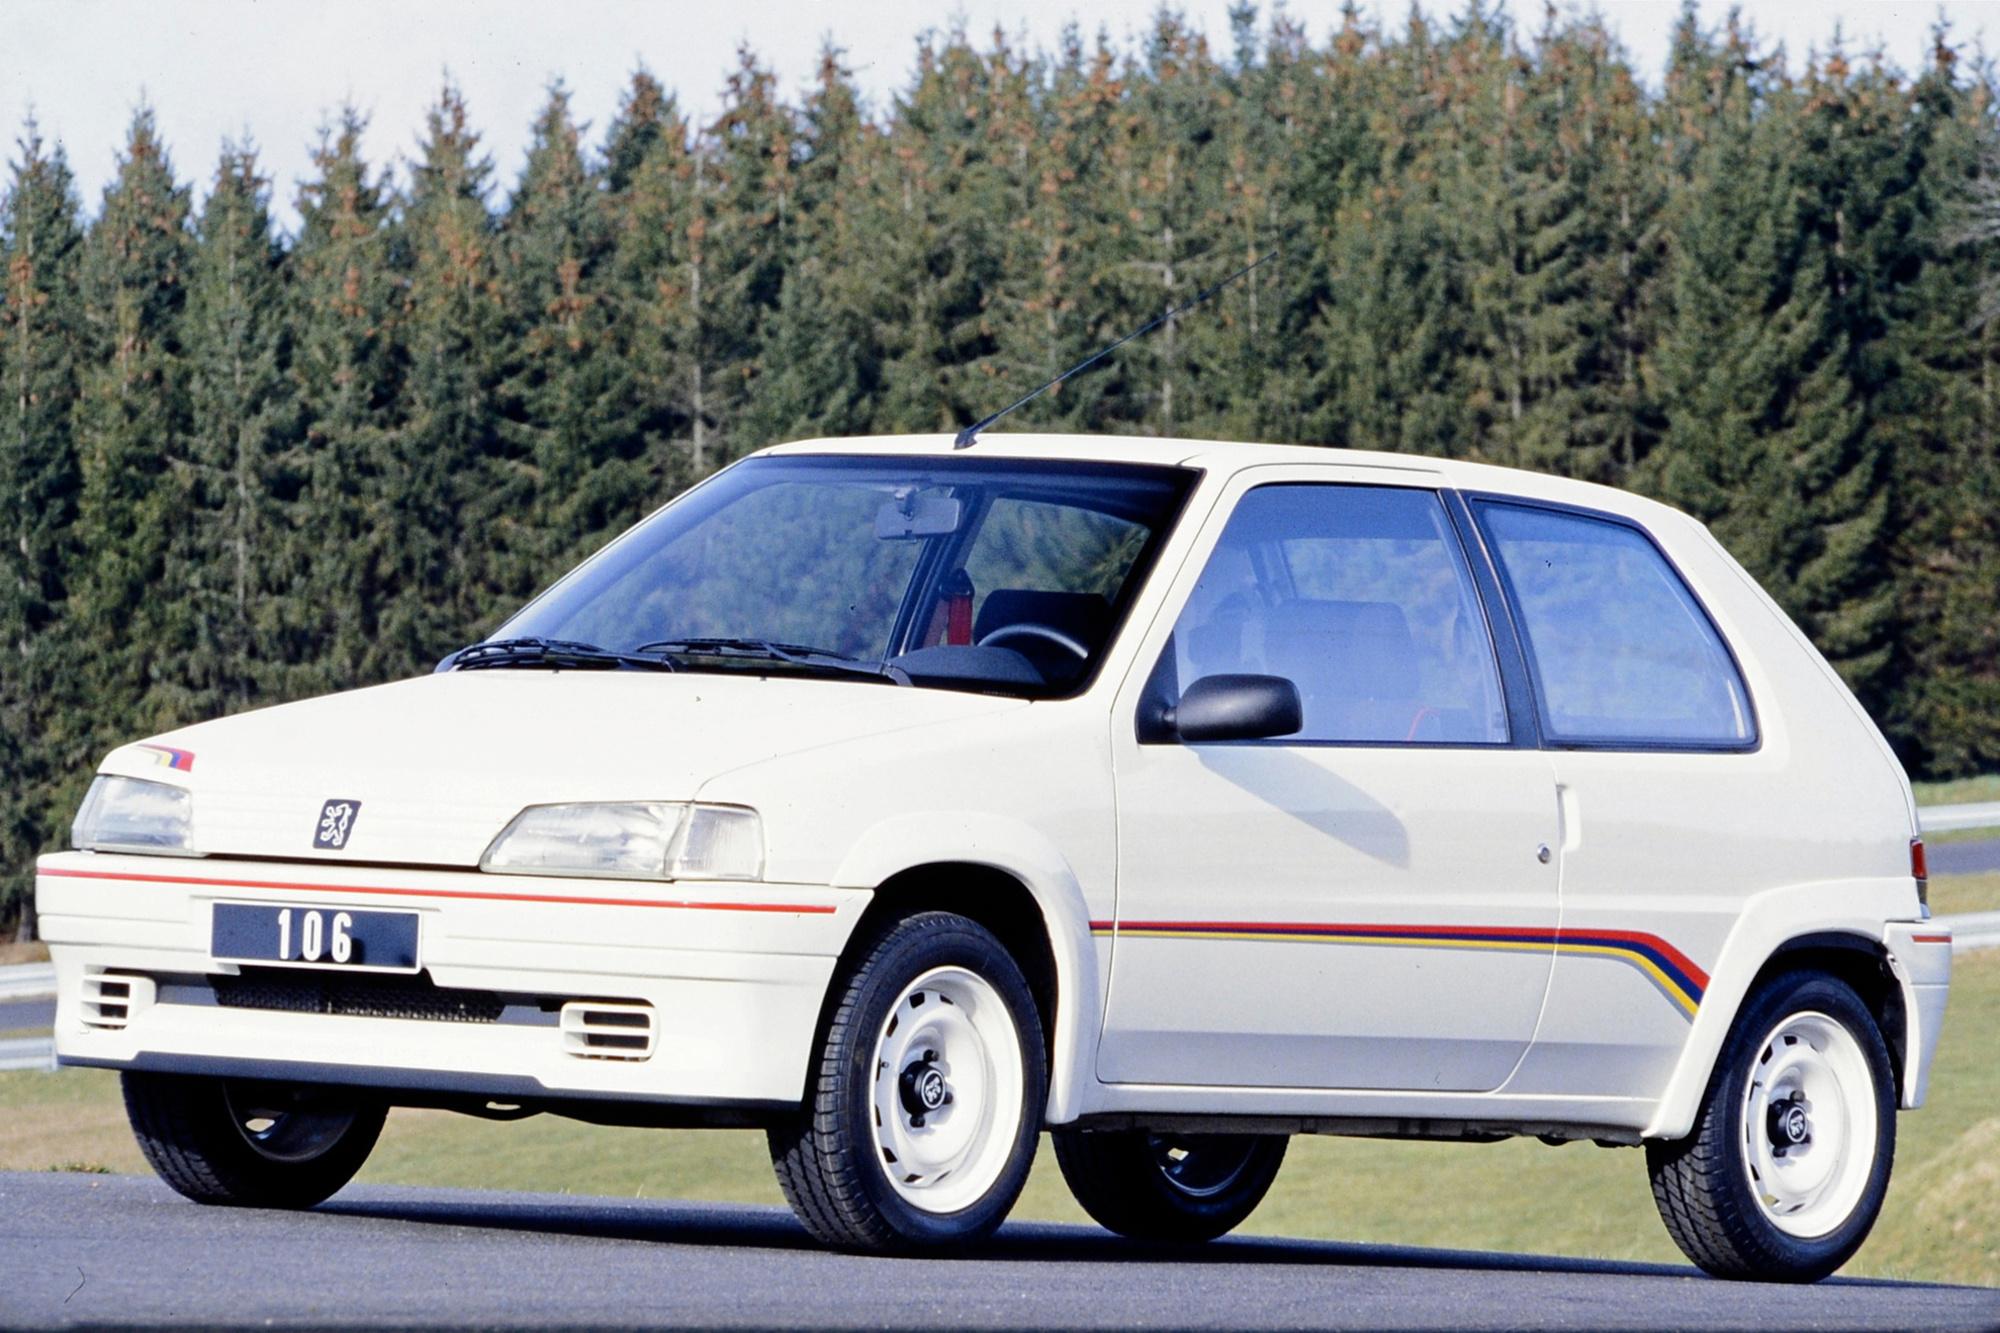 La 106 Rallye a permis à de nombreux jeunes de se lancer en compétition automobile., GF